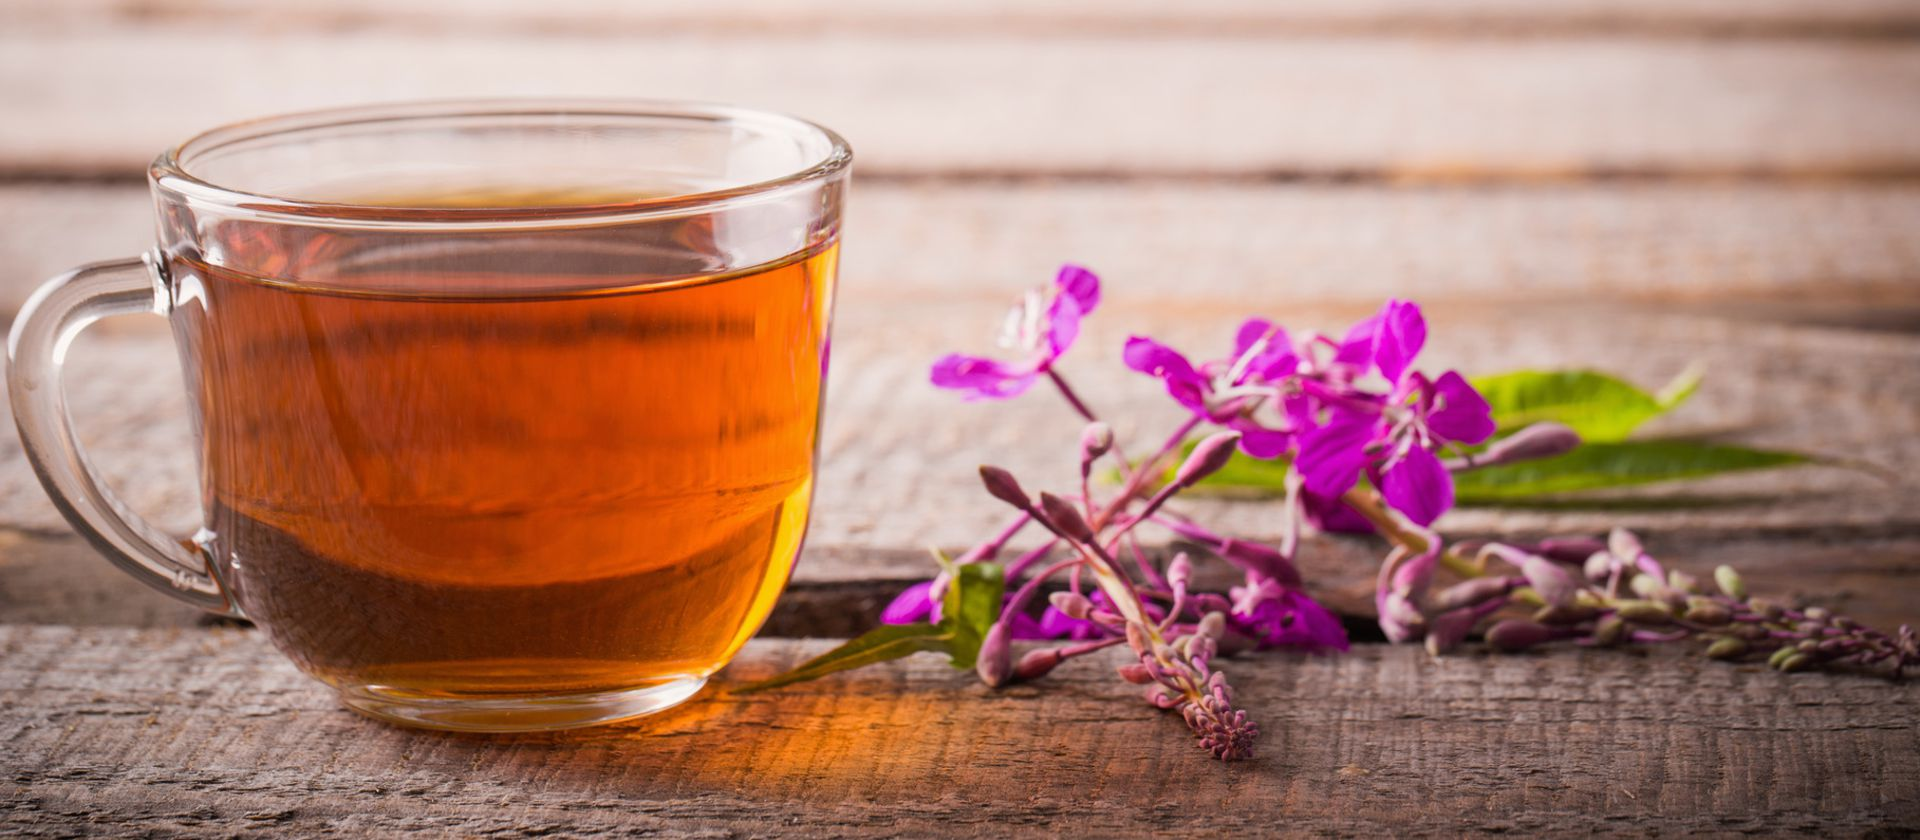 Рецепт приготовления Копорского чая